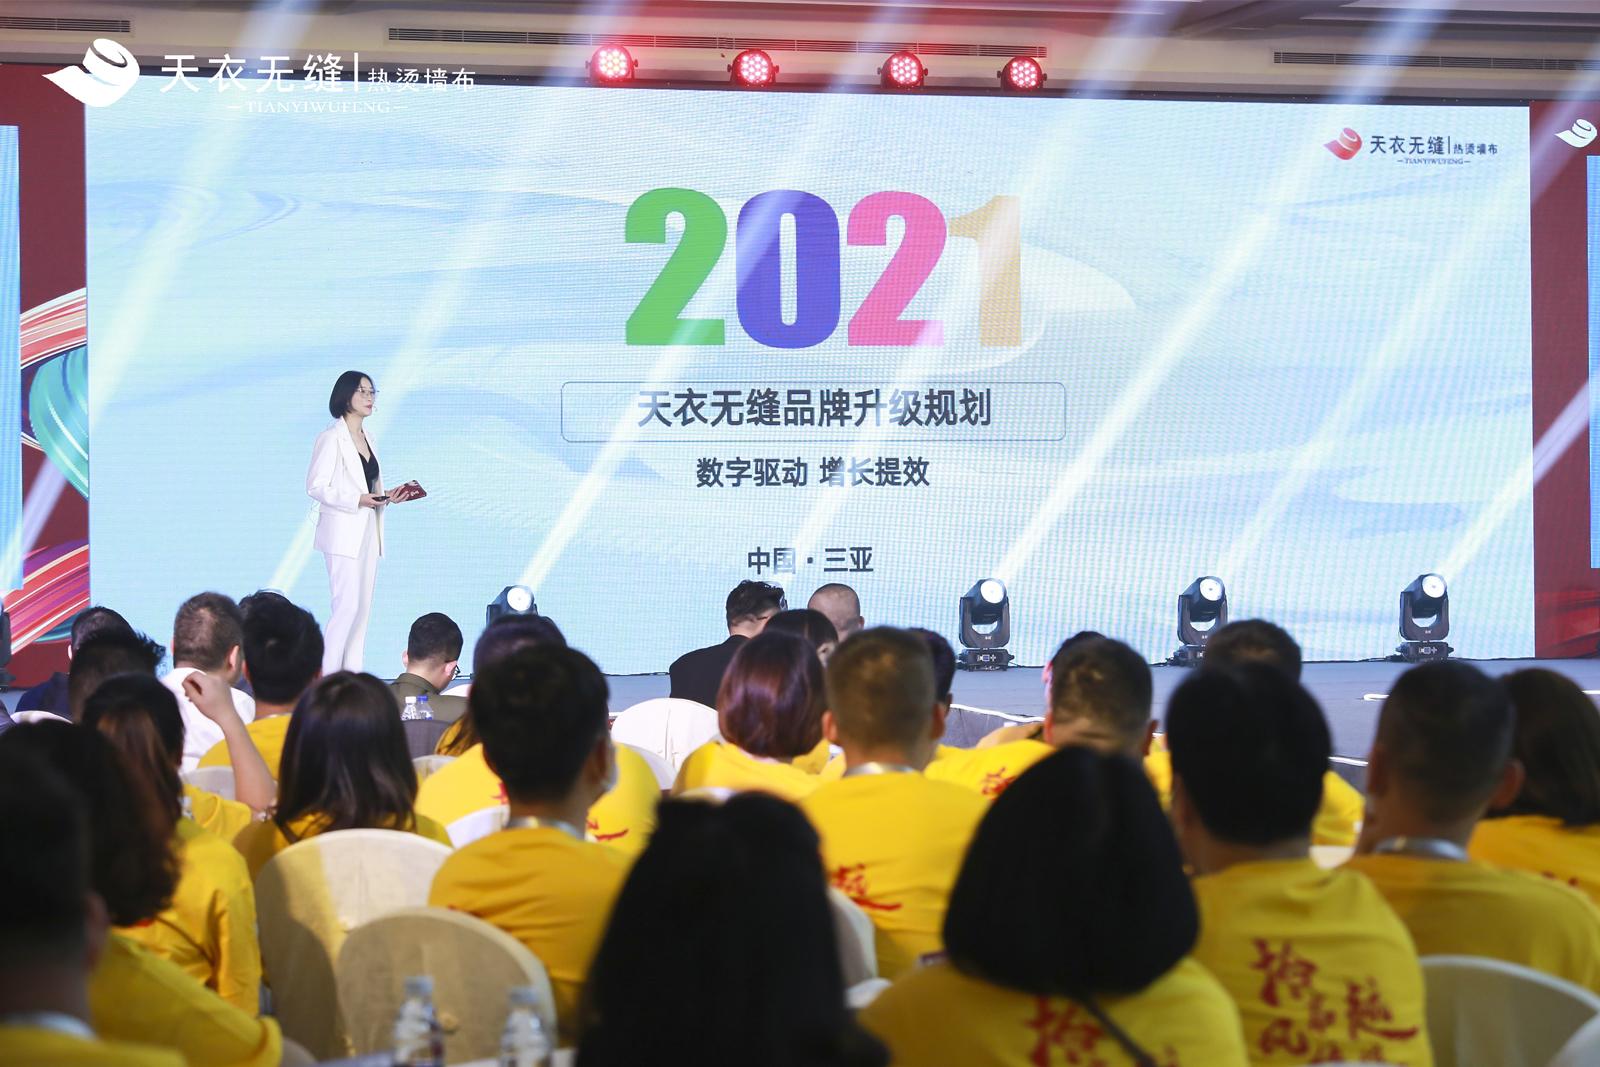 天衣无缝墙布十周年荣耀盛典暨品牌战略发布会 经销商年会-11